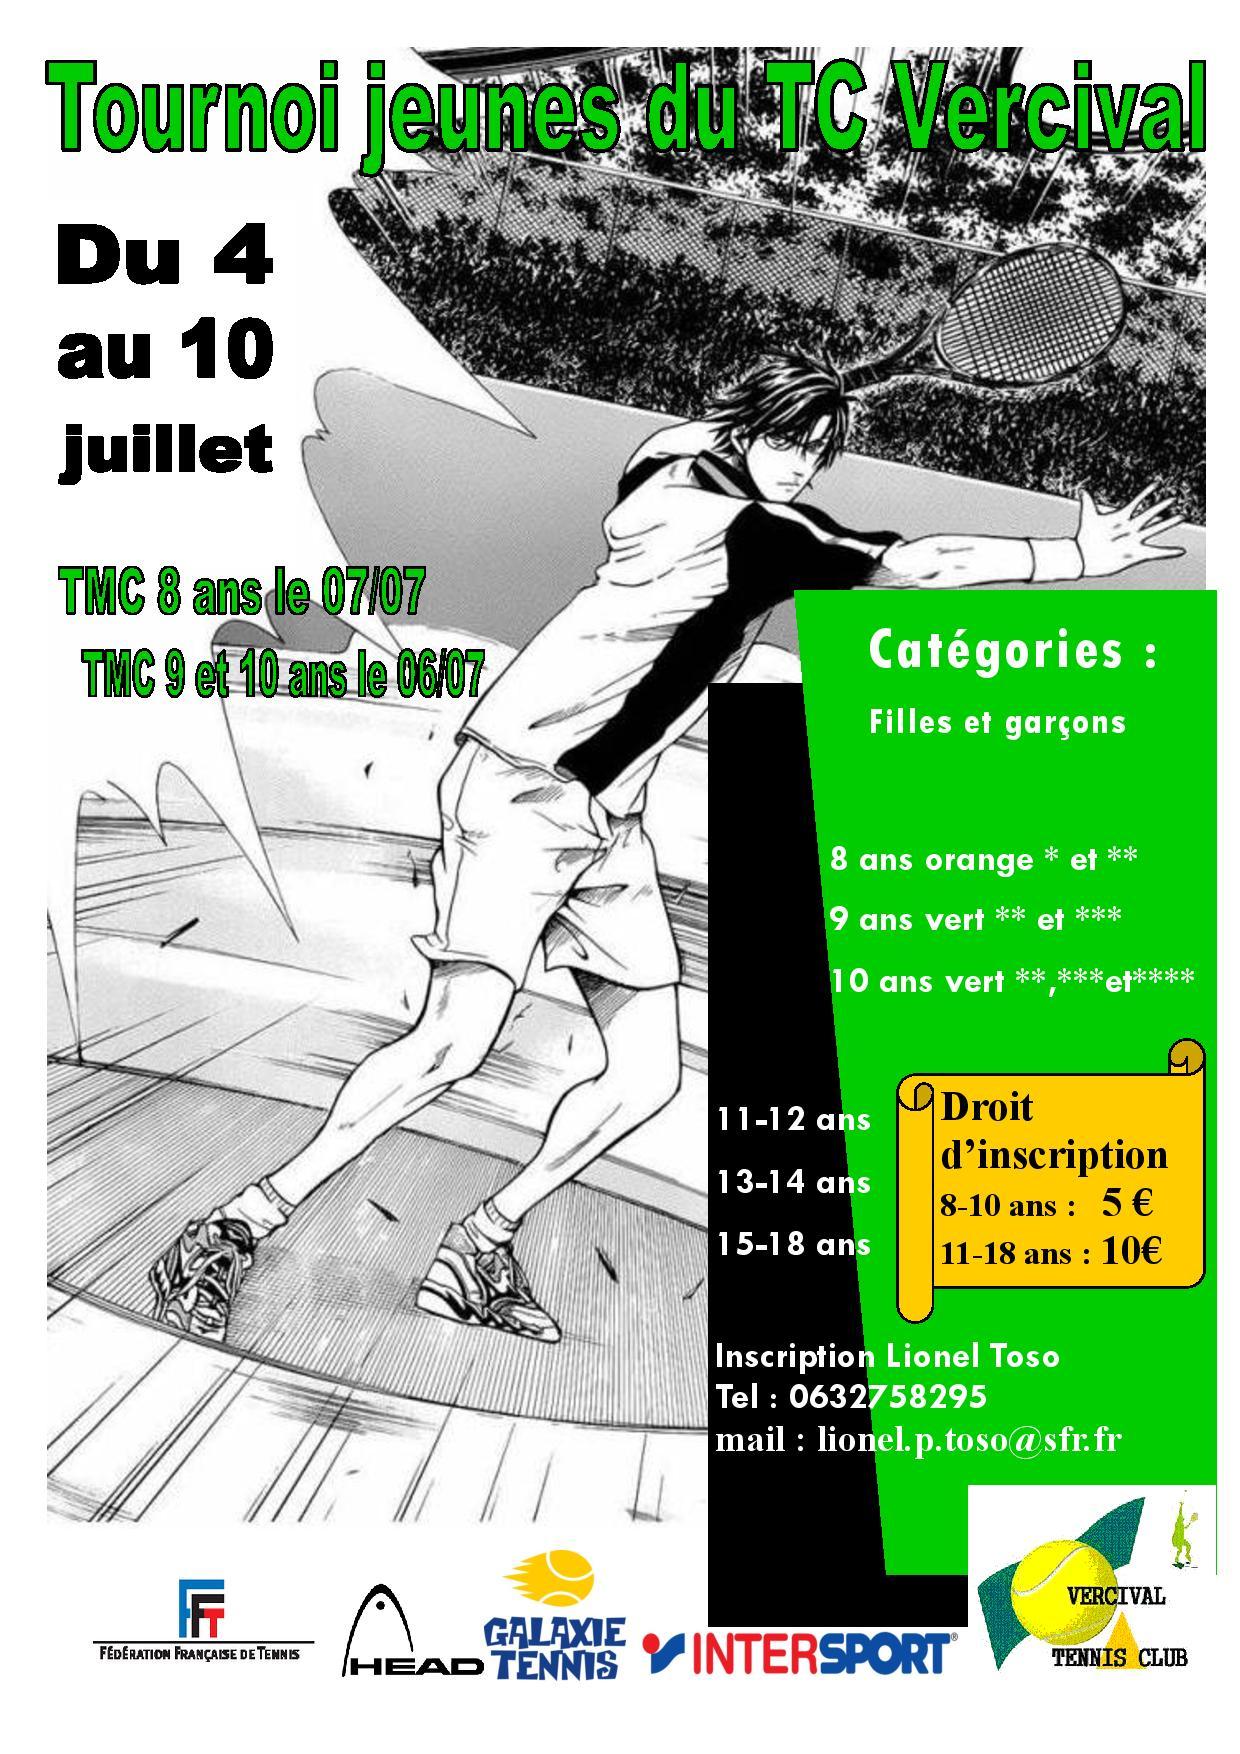 Affiche Tournoi Jeune VERCIVAL Juillet 2015